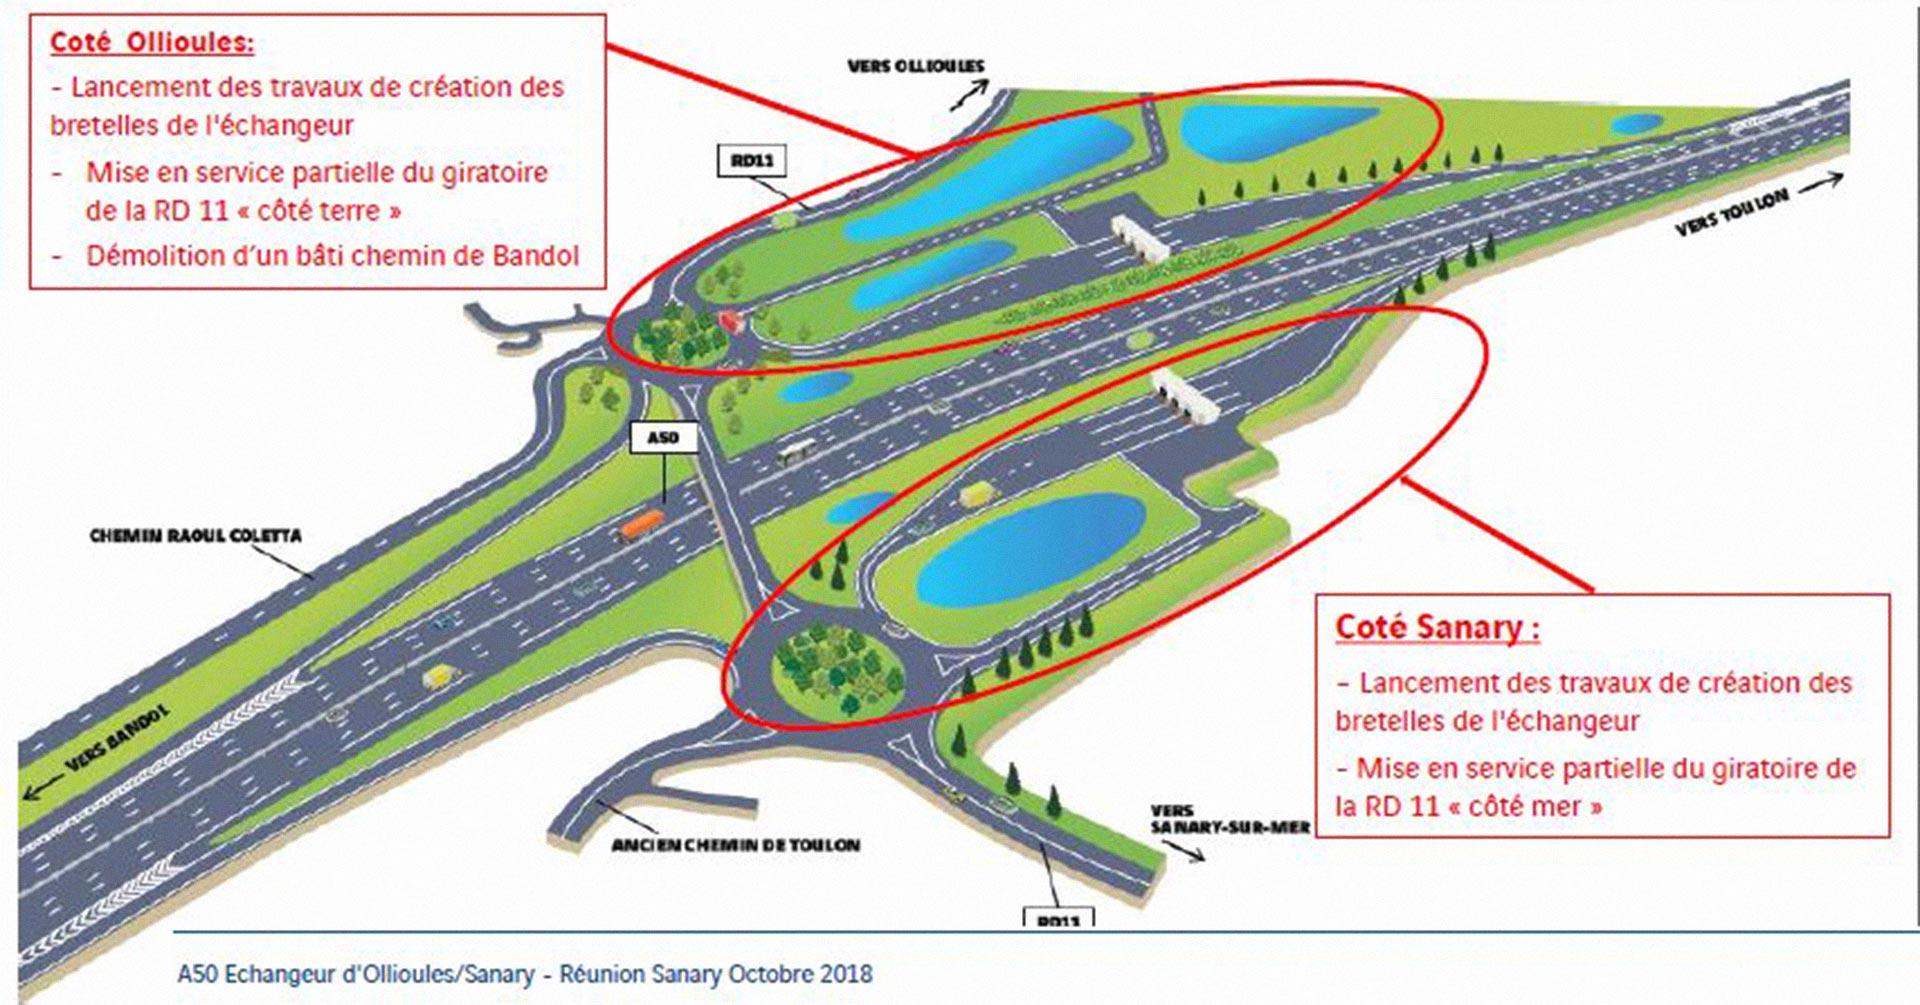 Un nouvel Echangeur va voir le Jour sur l'A50 à Hauteur d'Ollioules-Sanary Fin 2019 ou Début 2020 -